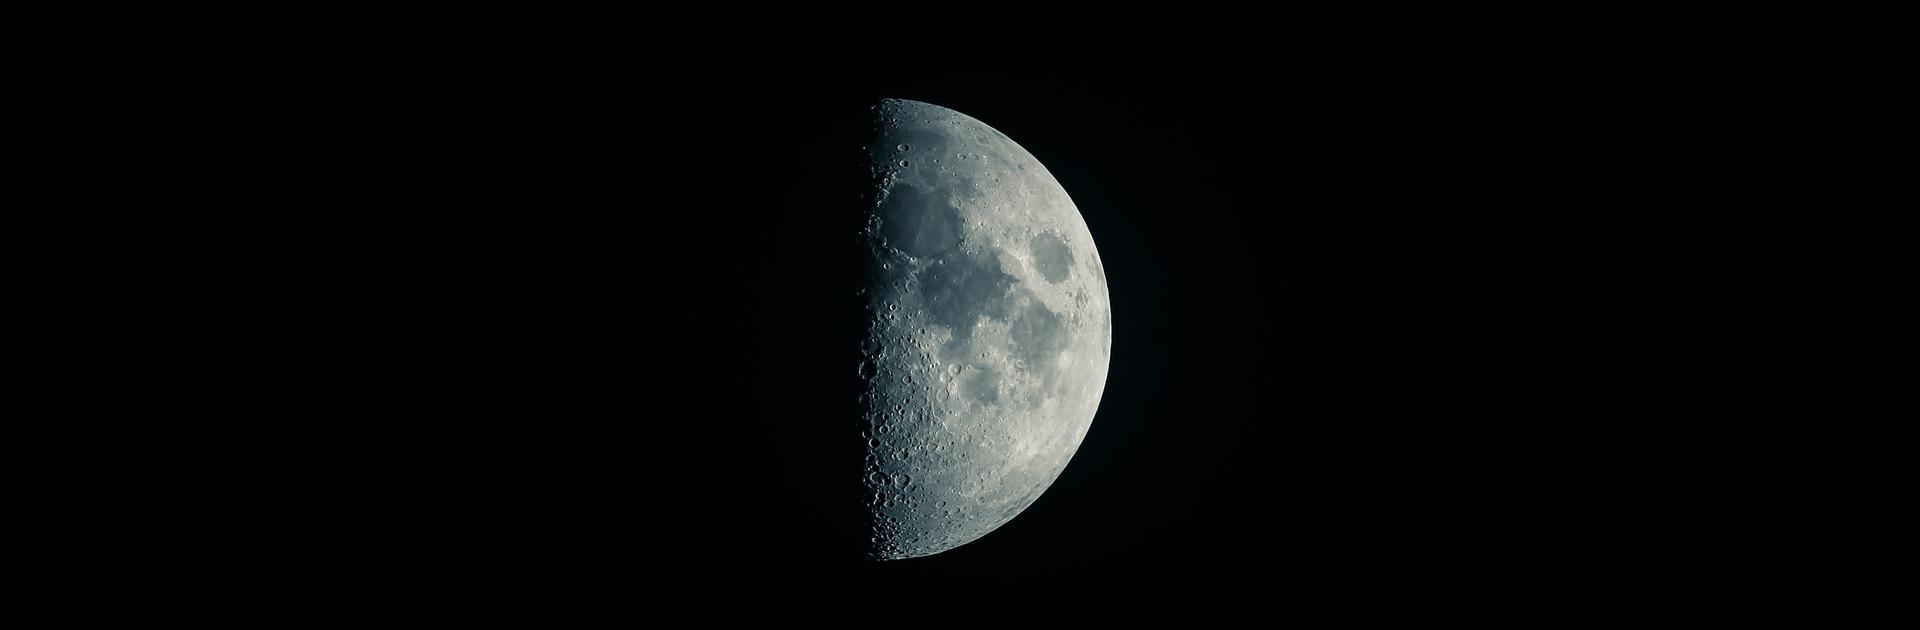 moon-2373242_1920